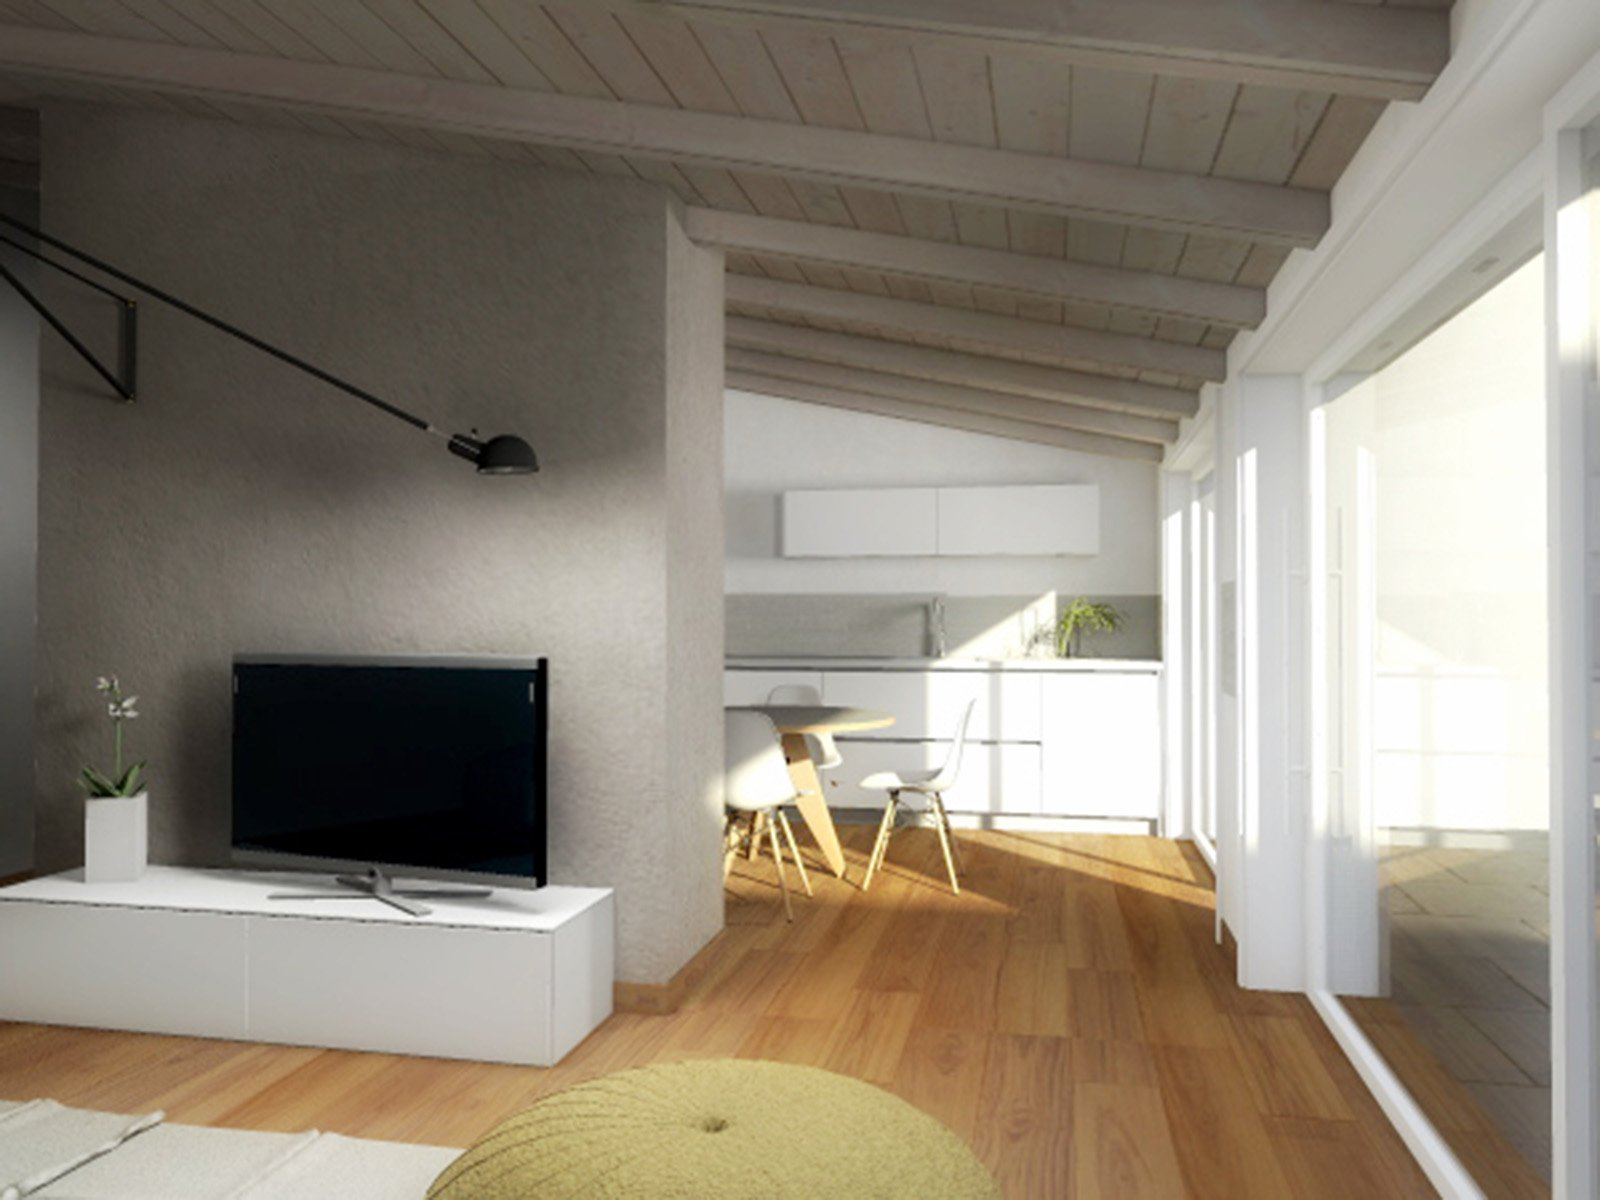 Mansarda una casa sottotetto luminosa e contemporanea cose di casa - Casa con parquet ...